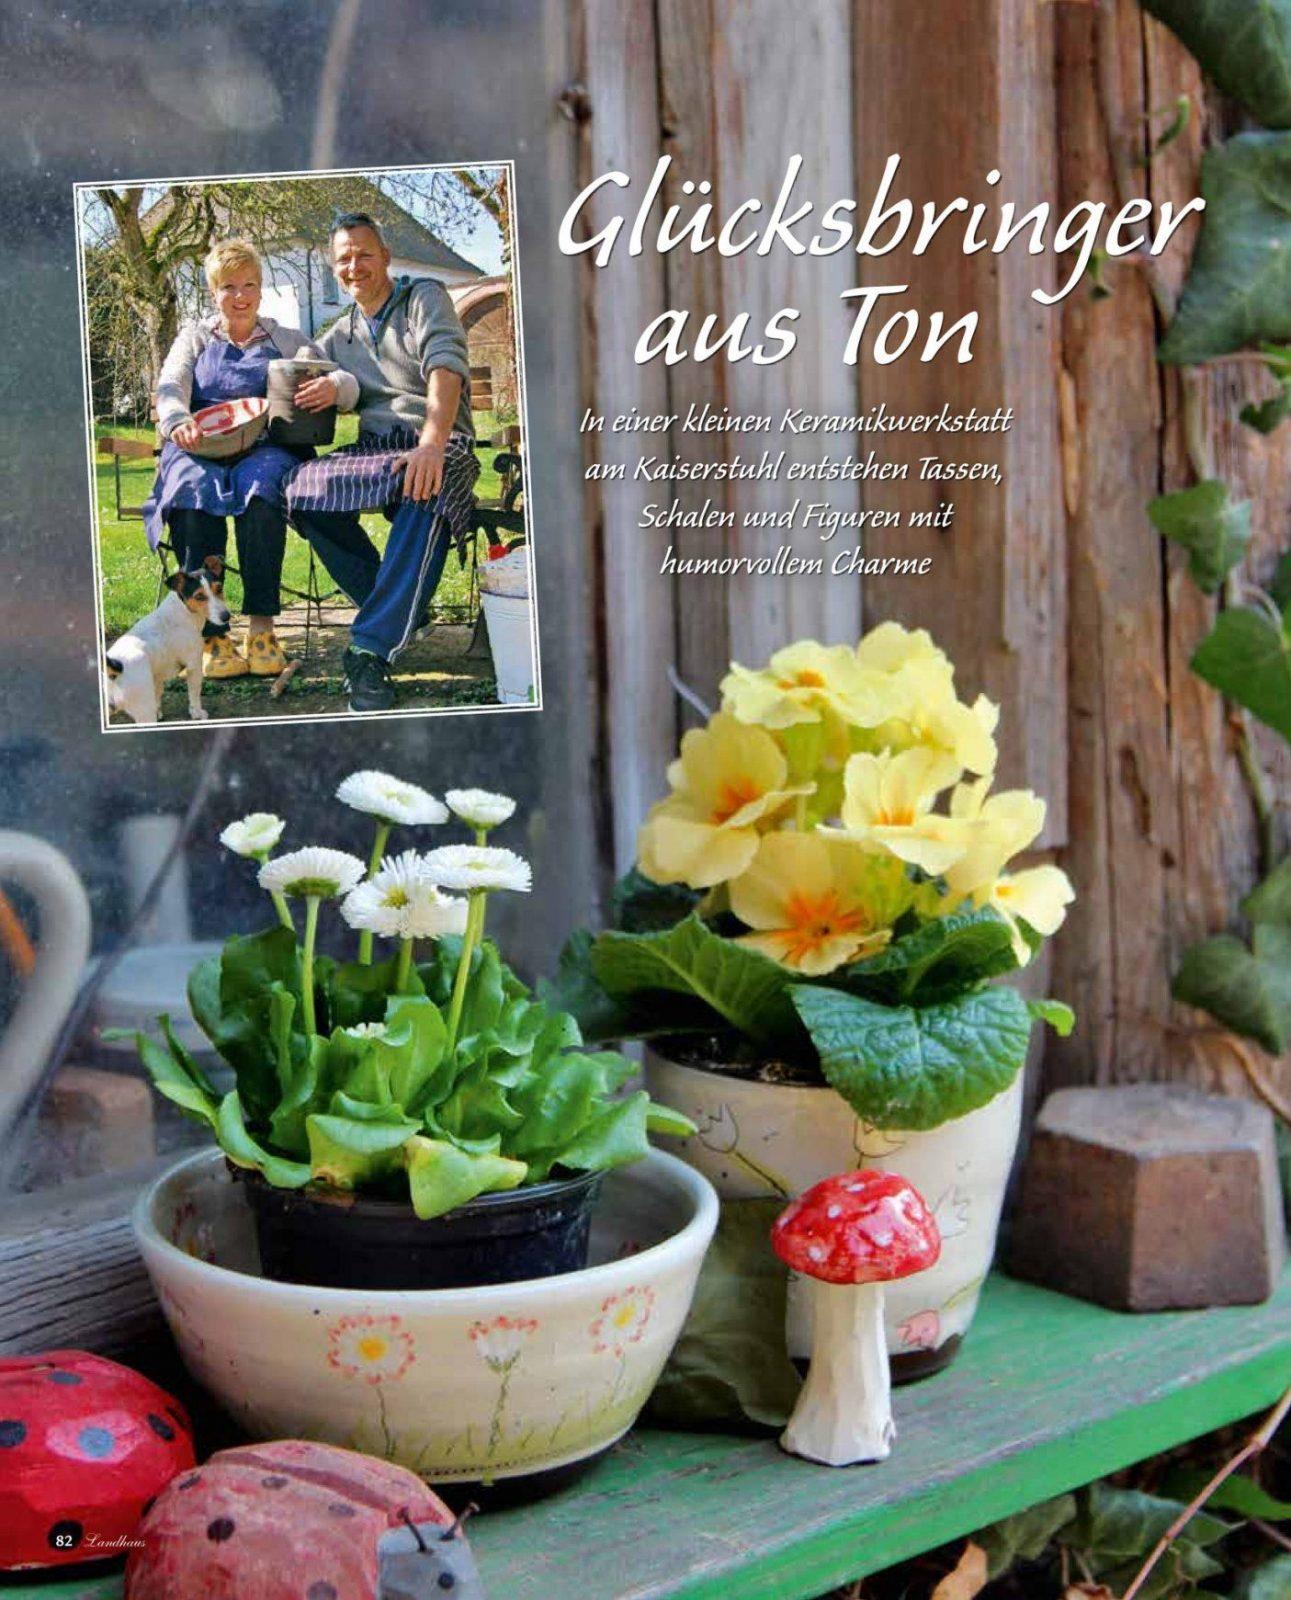 ... Artikel In U0026quot; Wohnen U0026amp; Garten Landhausu0026quot; Toepferei Wiest  Nimburg Von Landhaus ...